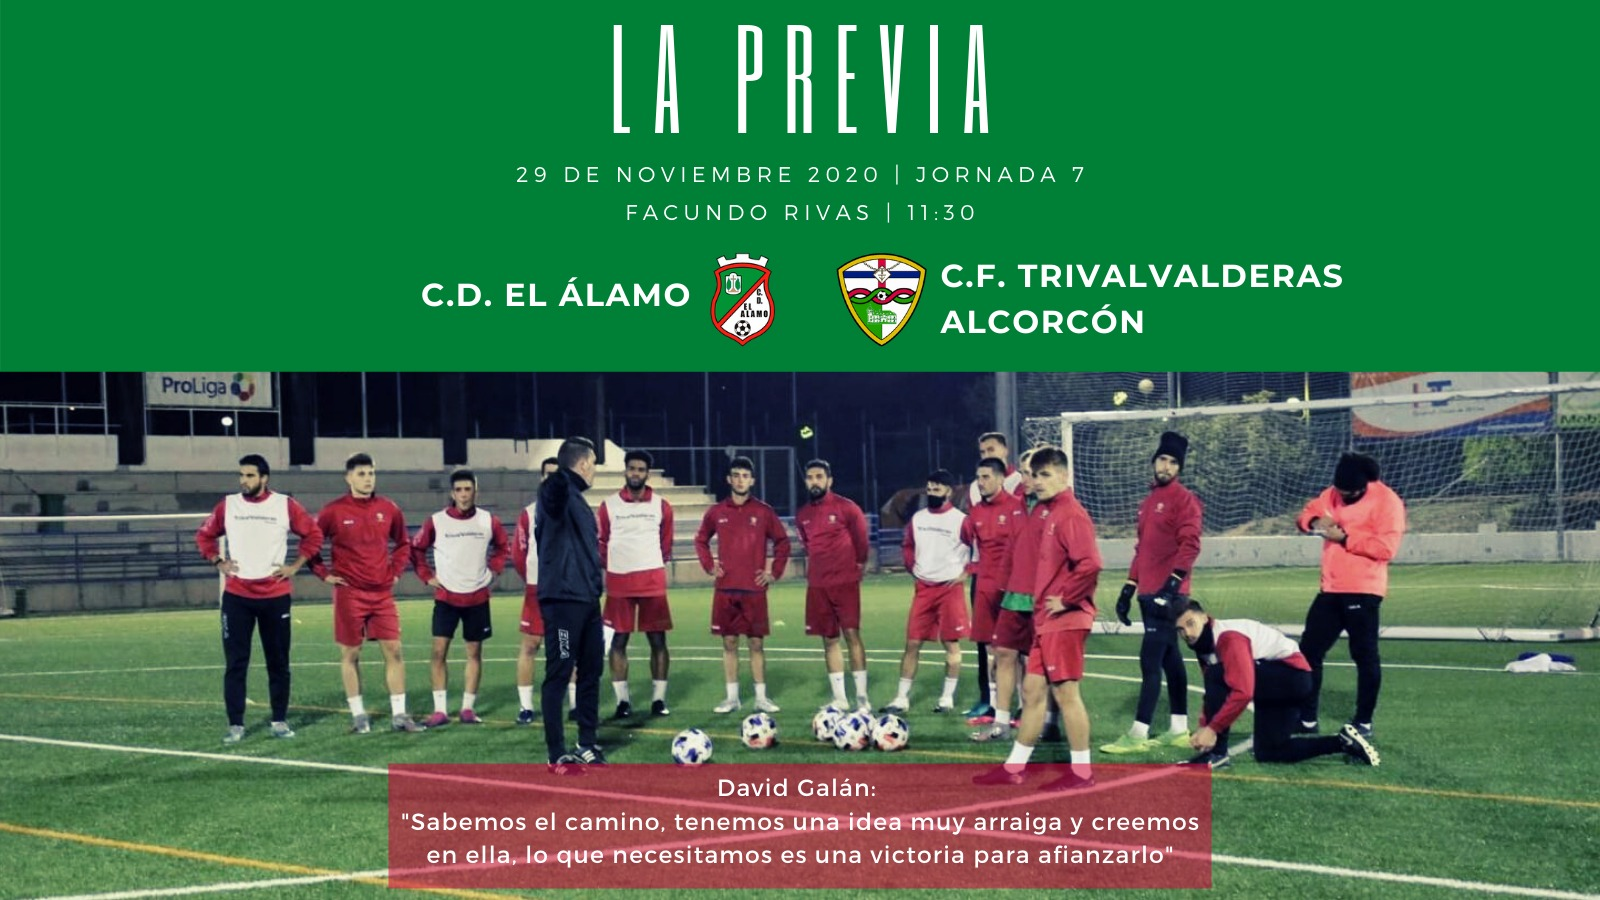 sdsPREVIA J7 |C.D. El Álamo - C.F. TrivalValderas Alcorcón